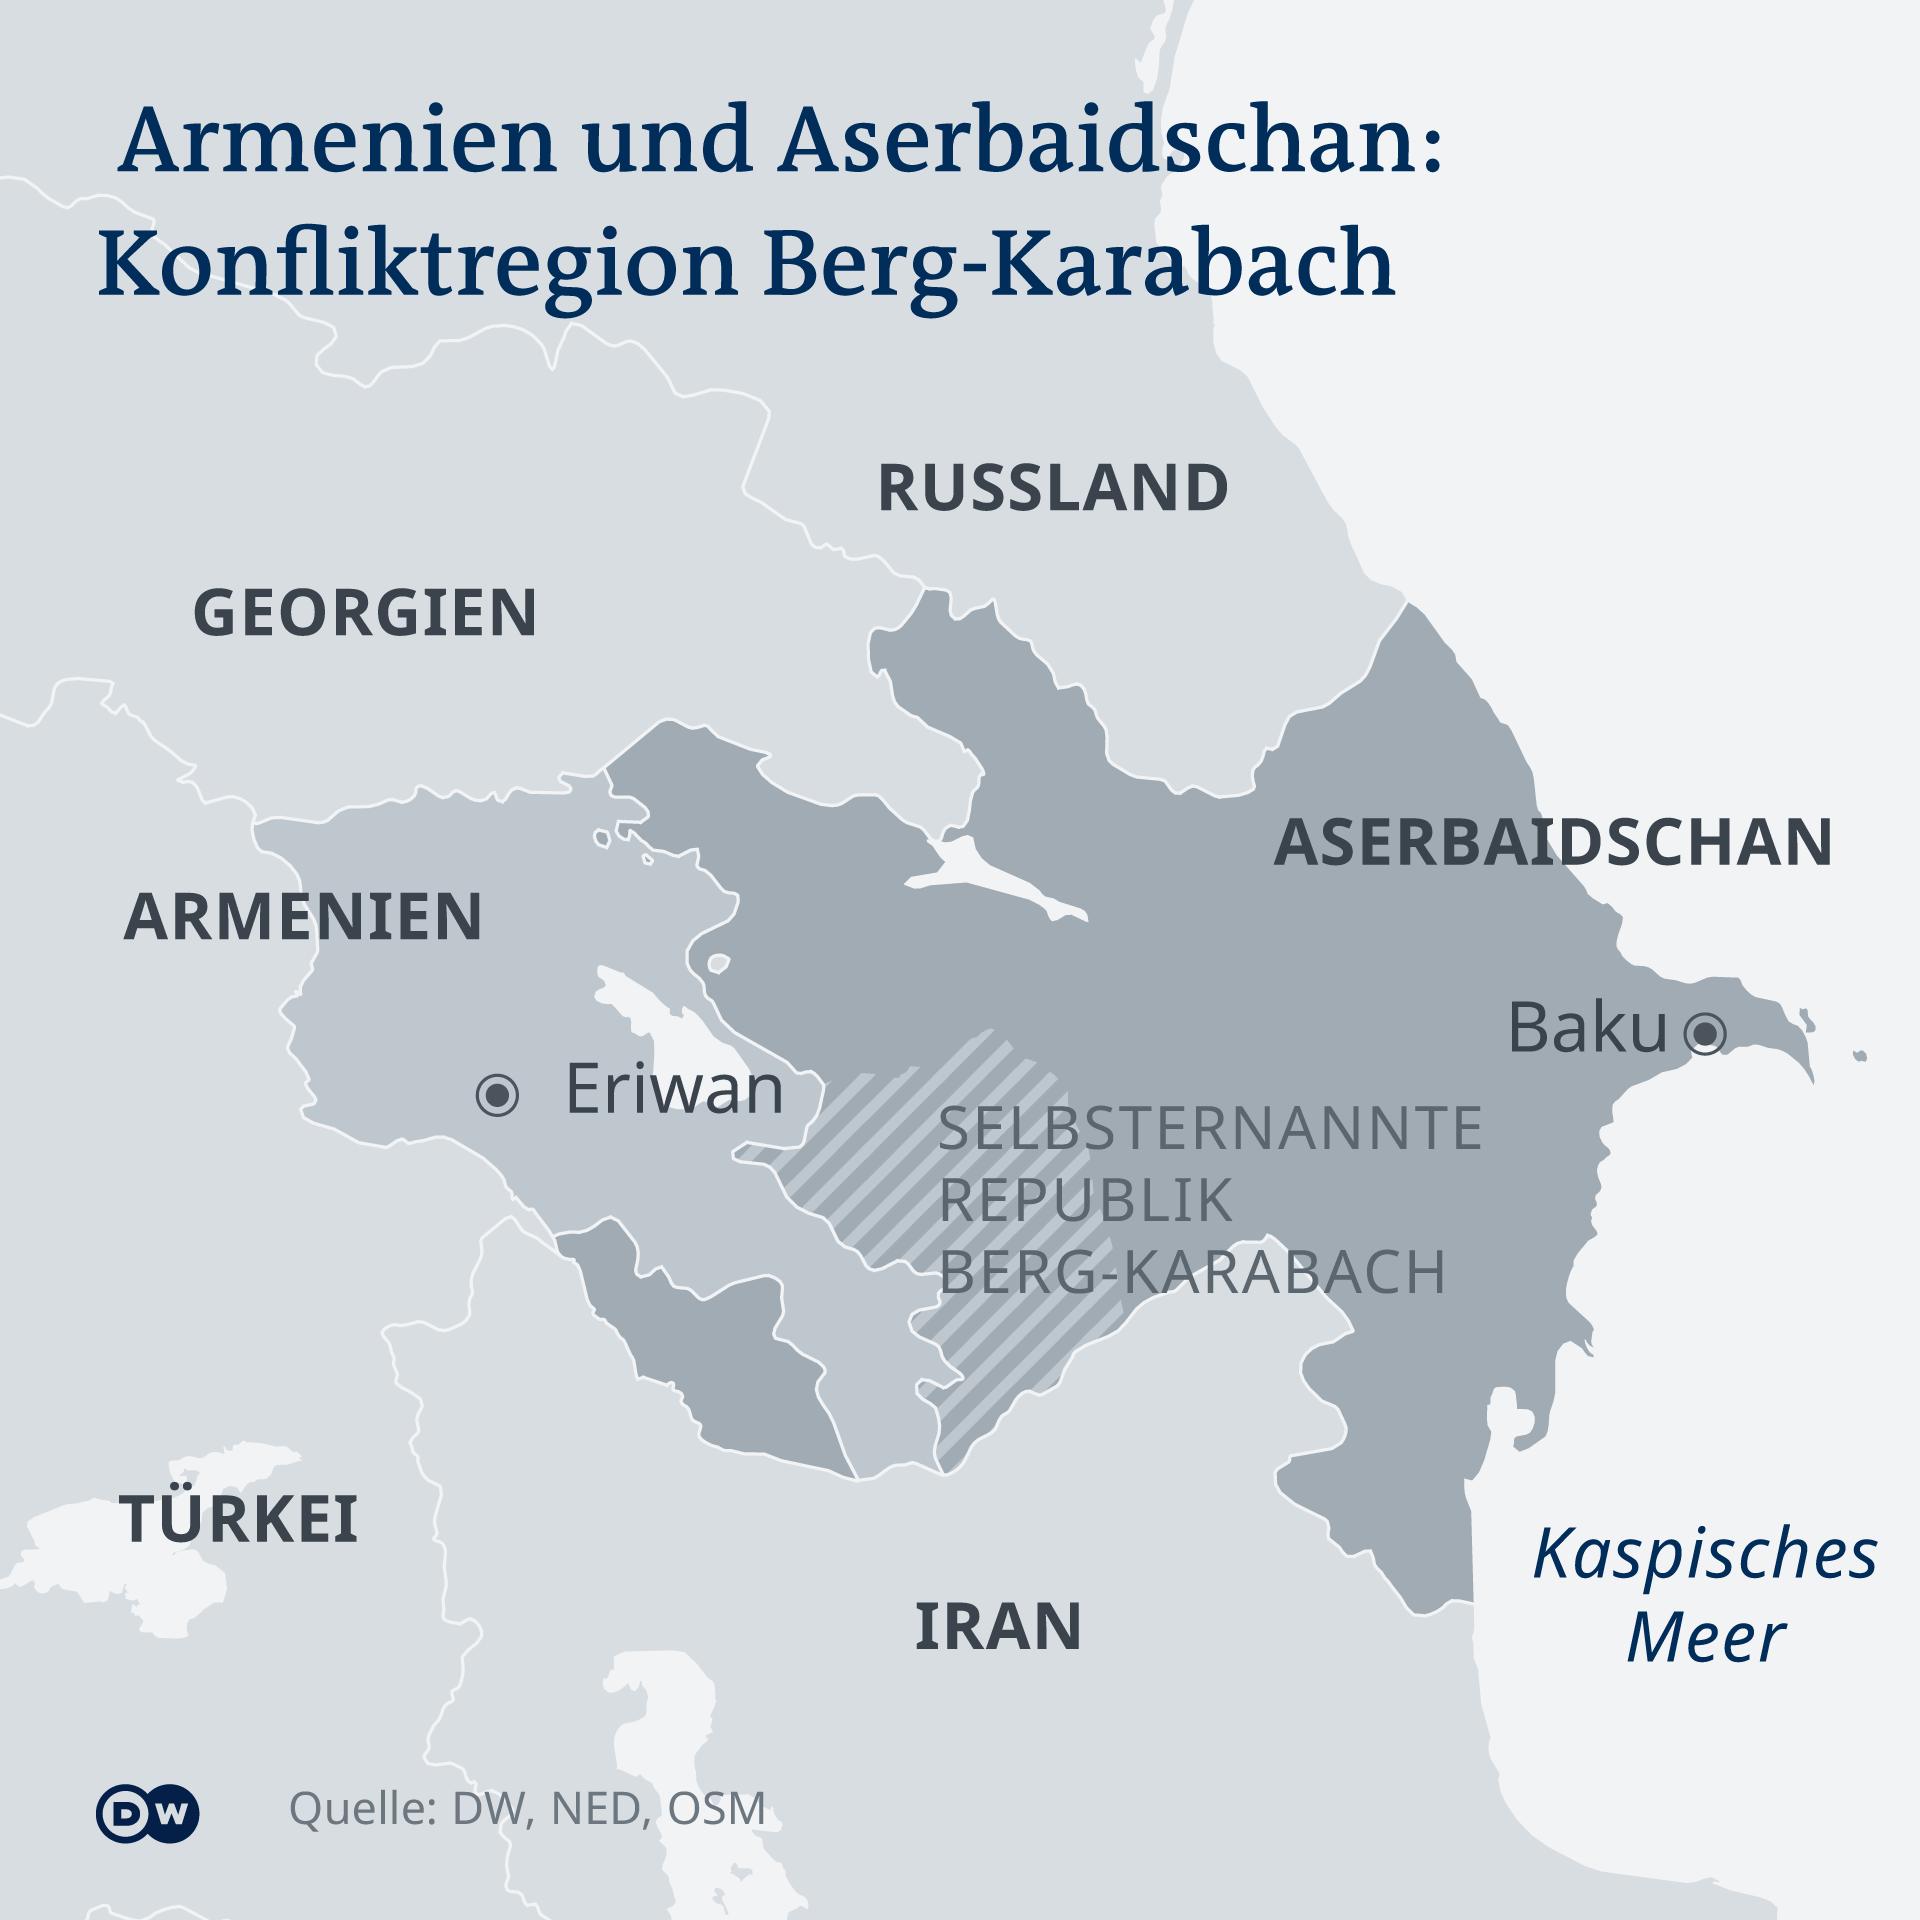 Zemljopisna karta sa spornom regijom Nagorno-Karabah